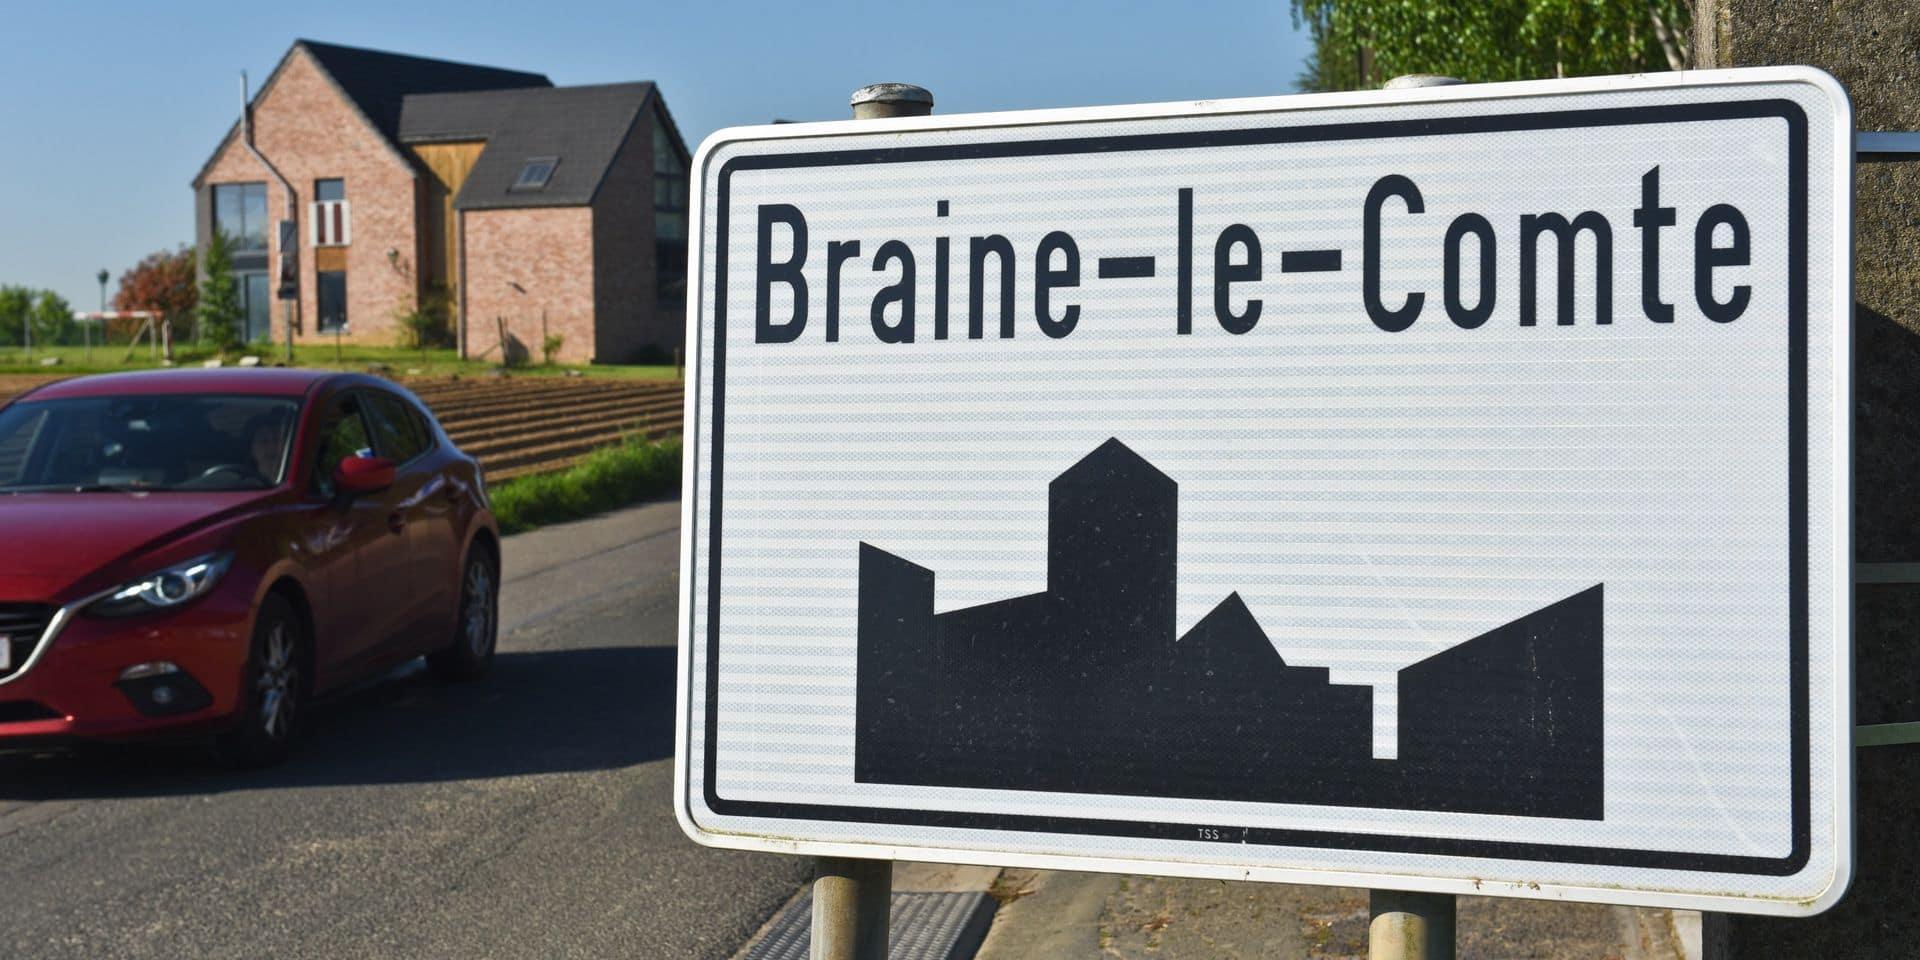 Braine-le-Comte: un guide d'urbanisme pour toutes les demandes de permis